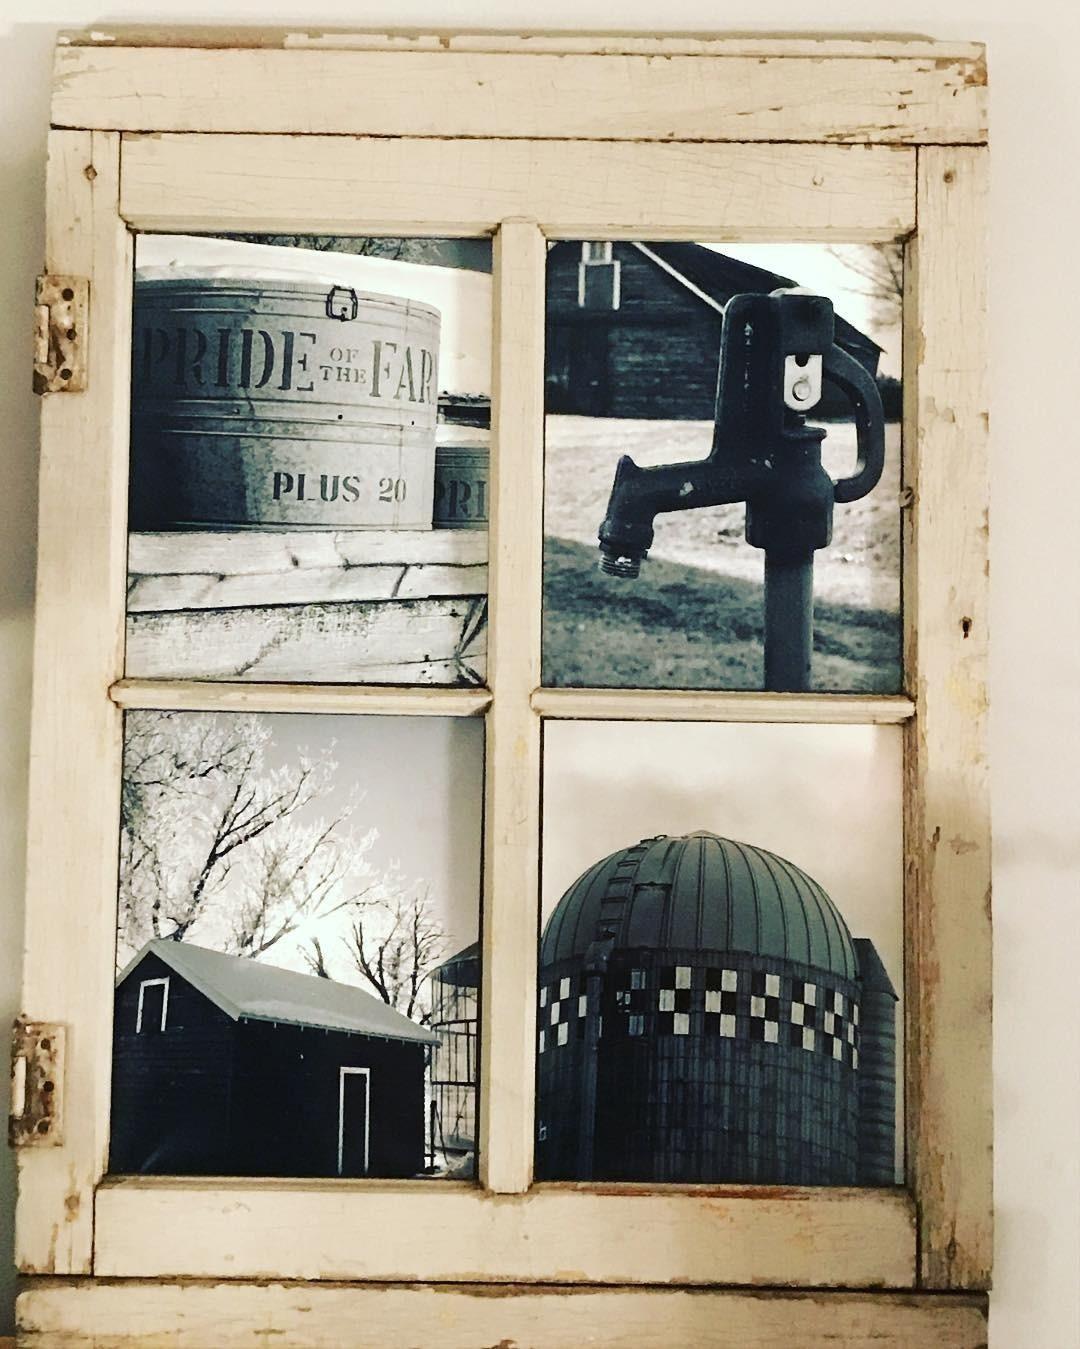 Фото: Instagram mollieverdickphotography